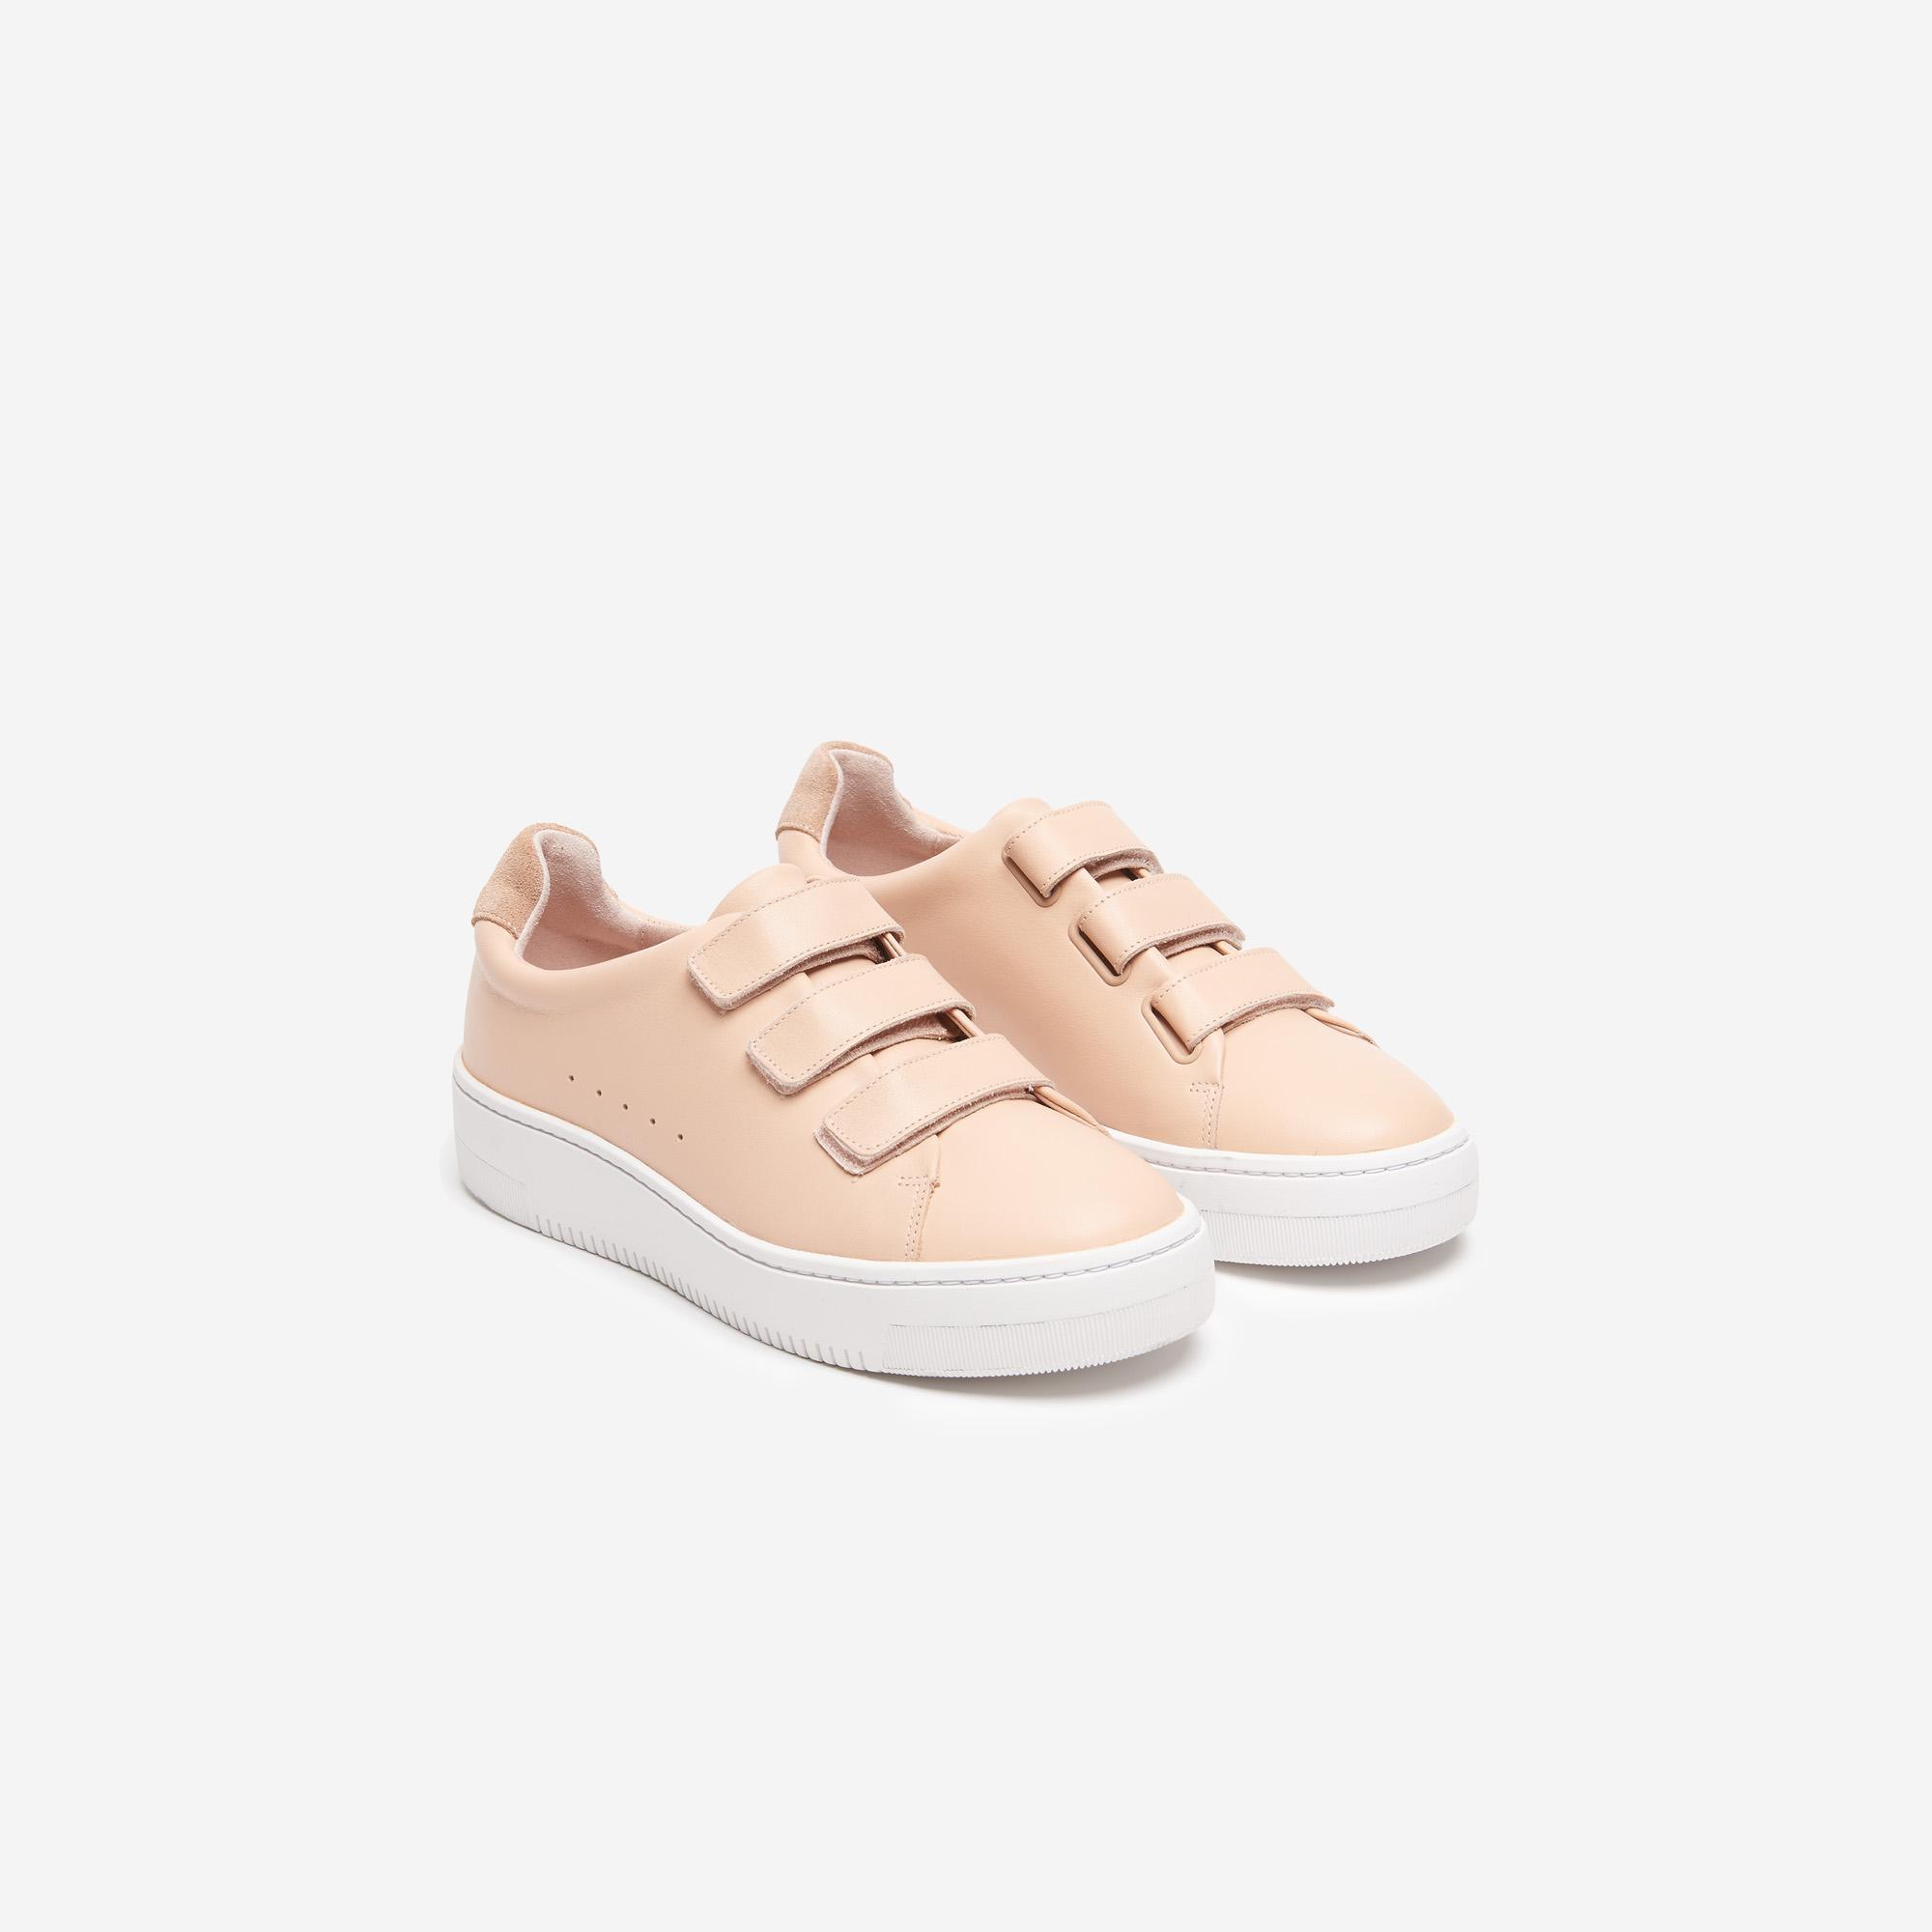 magasin en ligne 7a3ef fe530 basket sandro beige